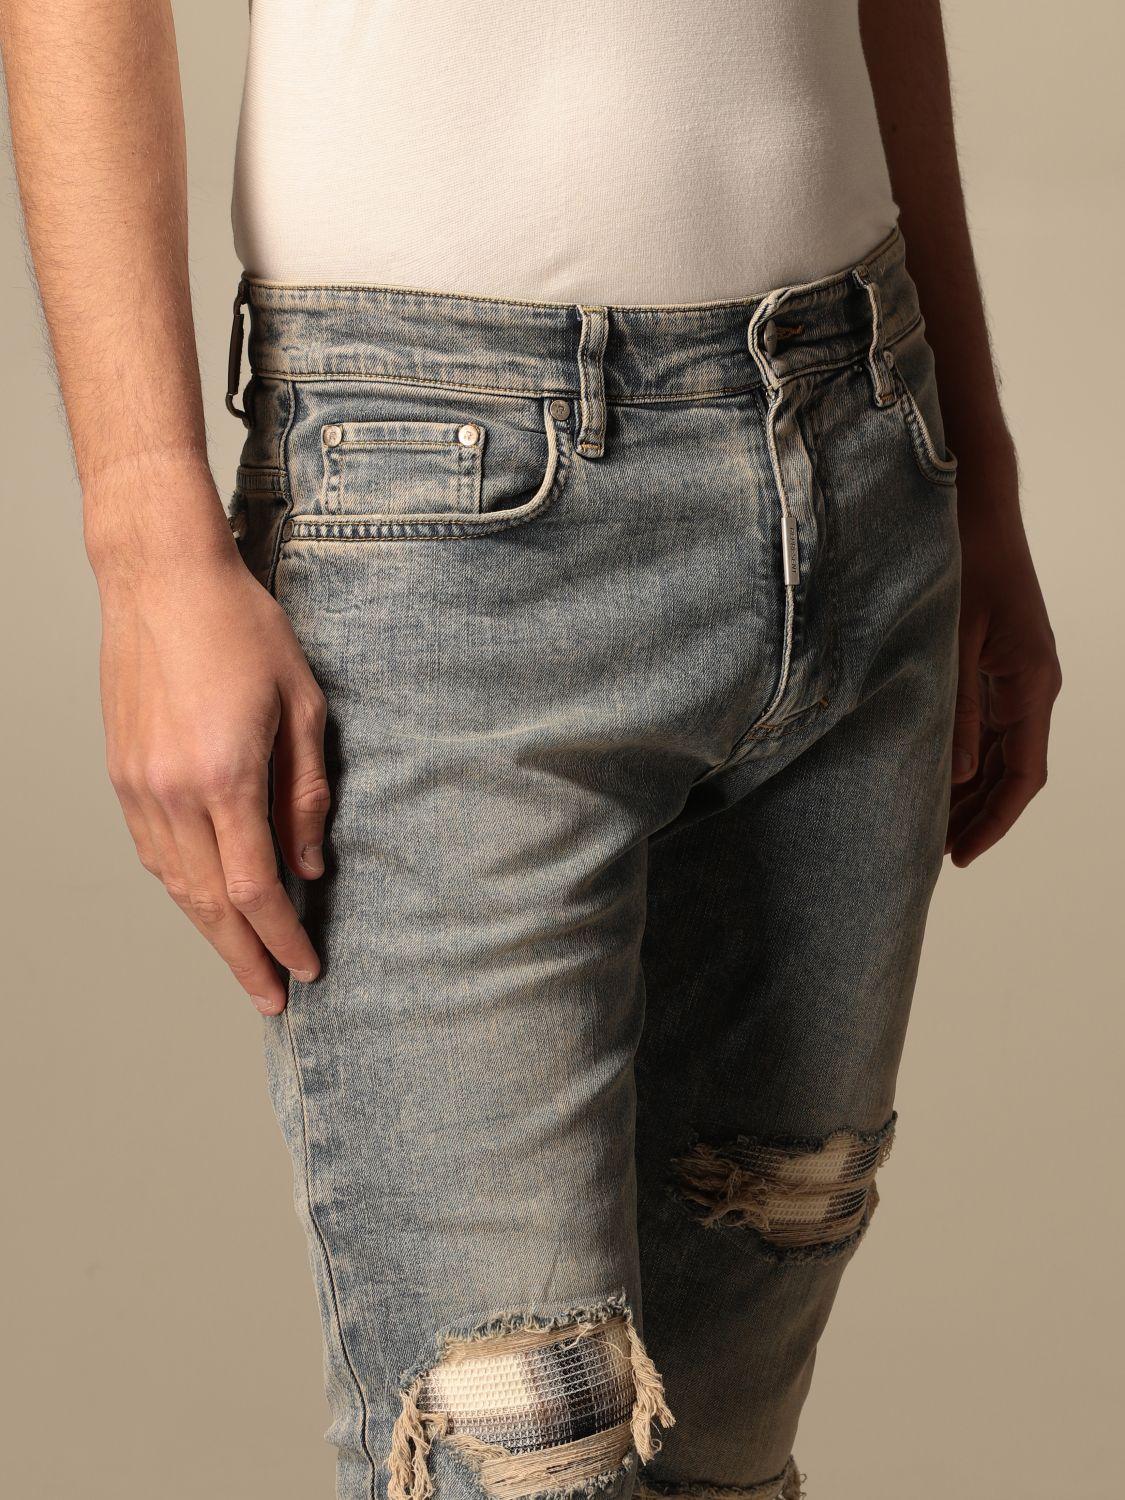 牛仔裤 Represent: 牛仔裤 男士 Represent 蓝色 4